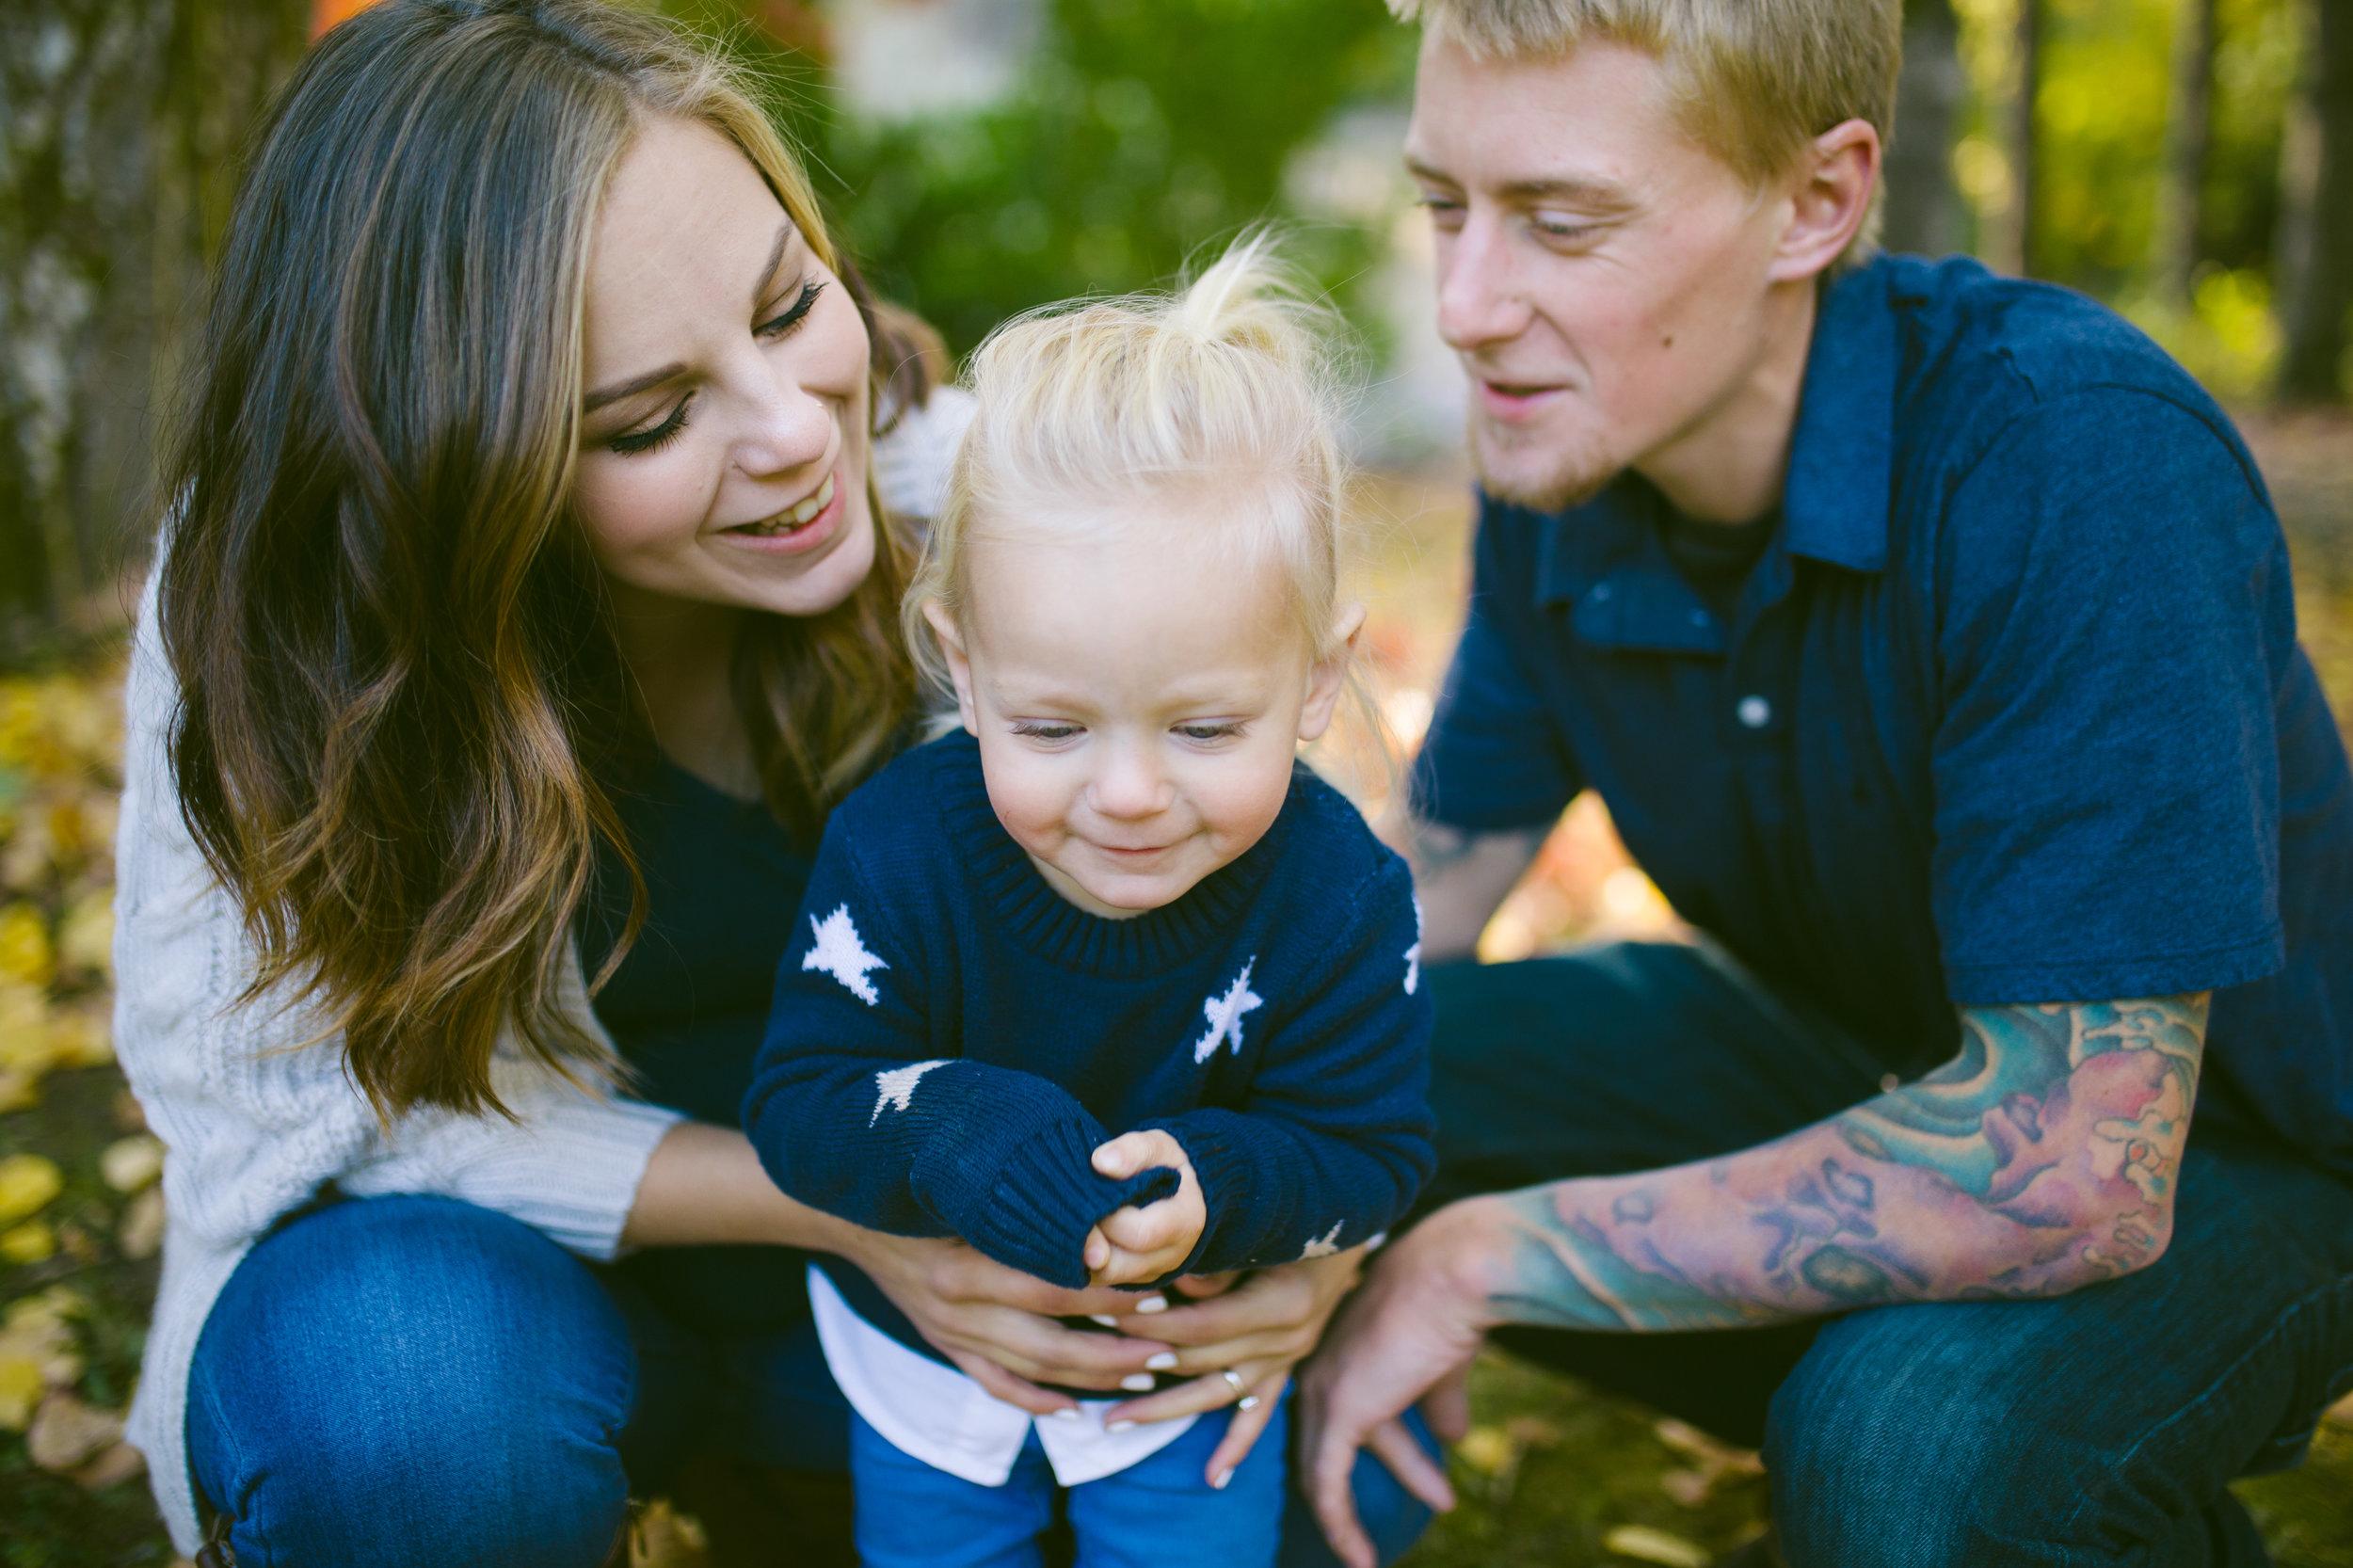 newberg-oregon-family-photographer-6.jpg